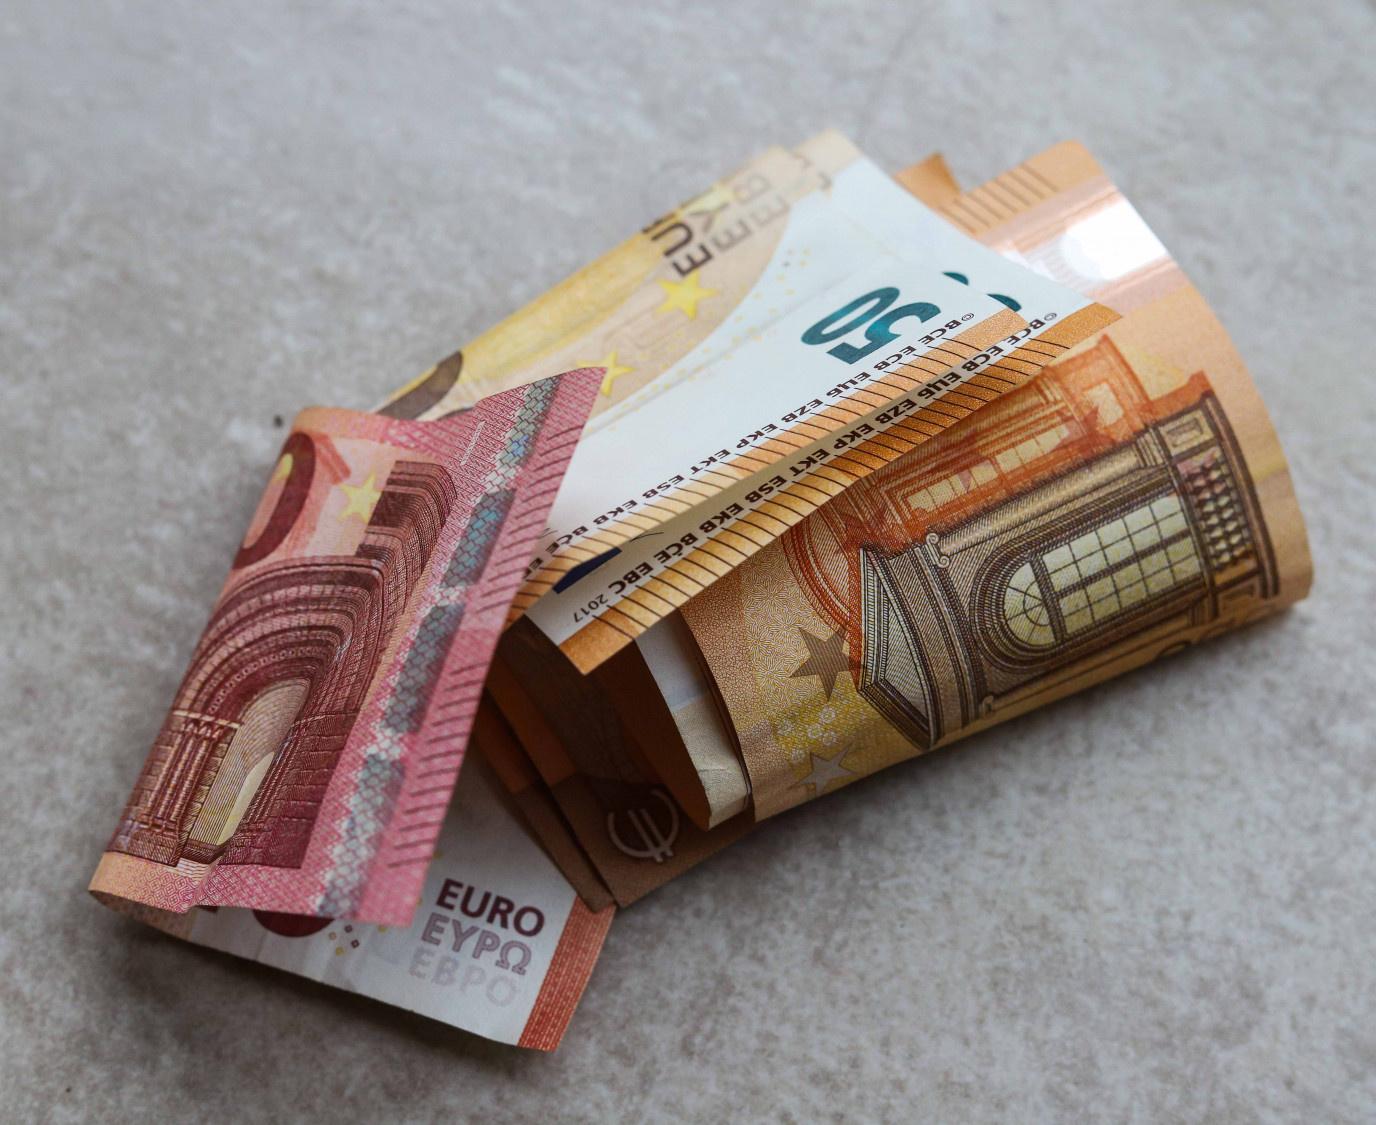 """Po """"netikrų"""" pinigų patikrinimo plungiškė neteko daugiau kaip 2 tūkst. eurų"""